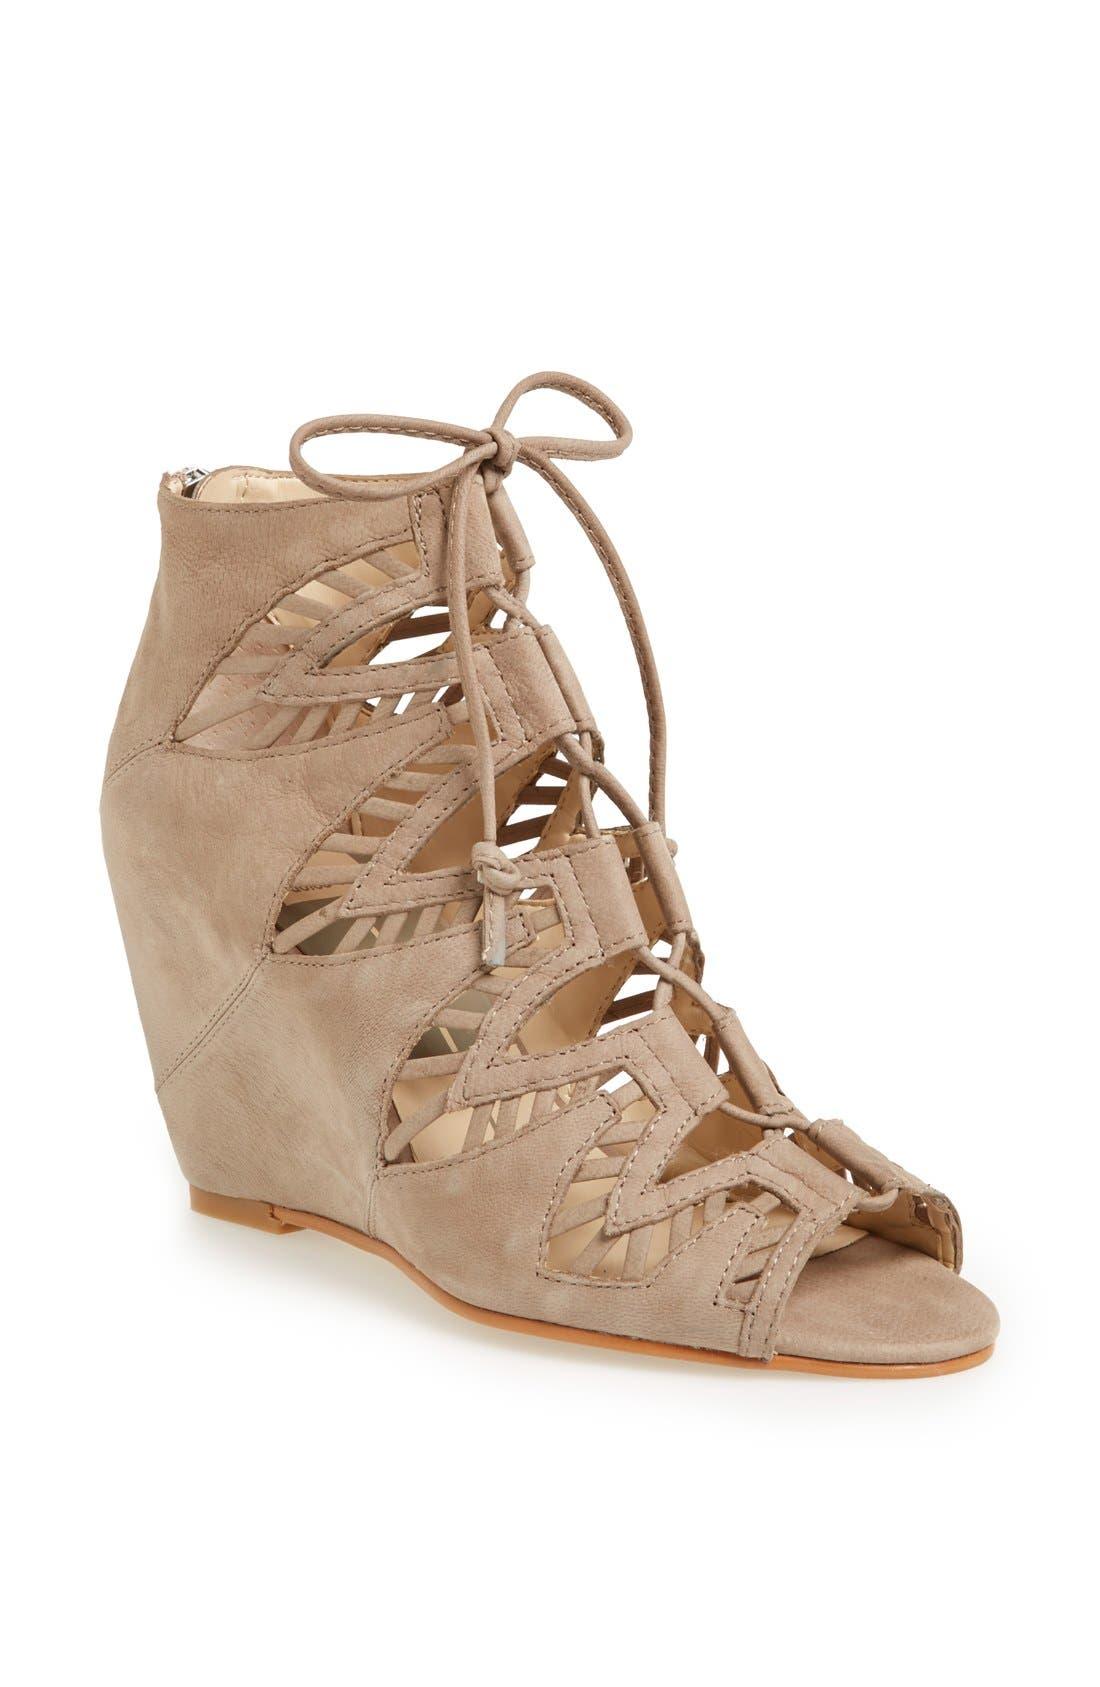 Main Image - Dolce Vita 'Shandy' Sandal